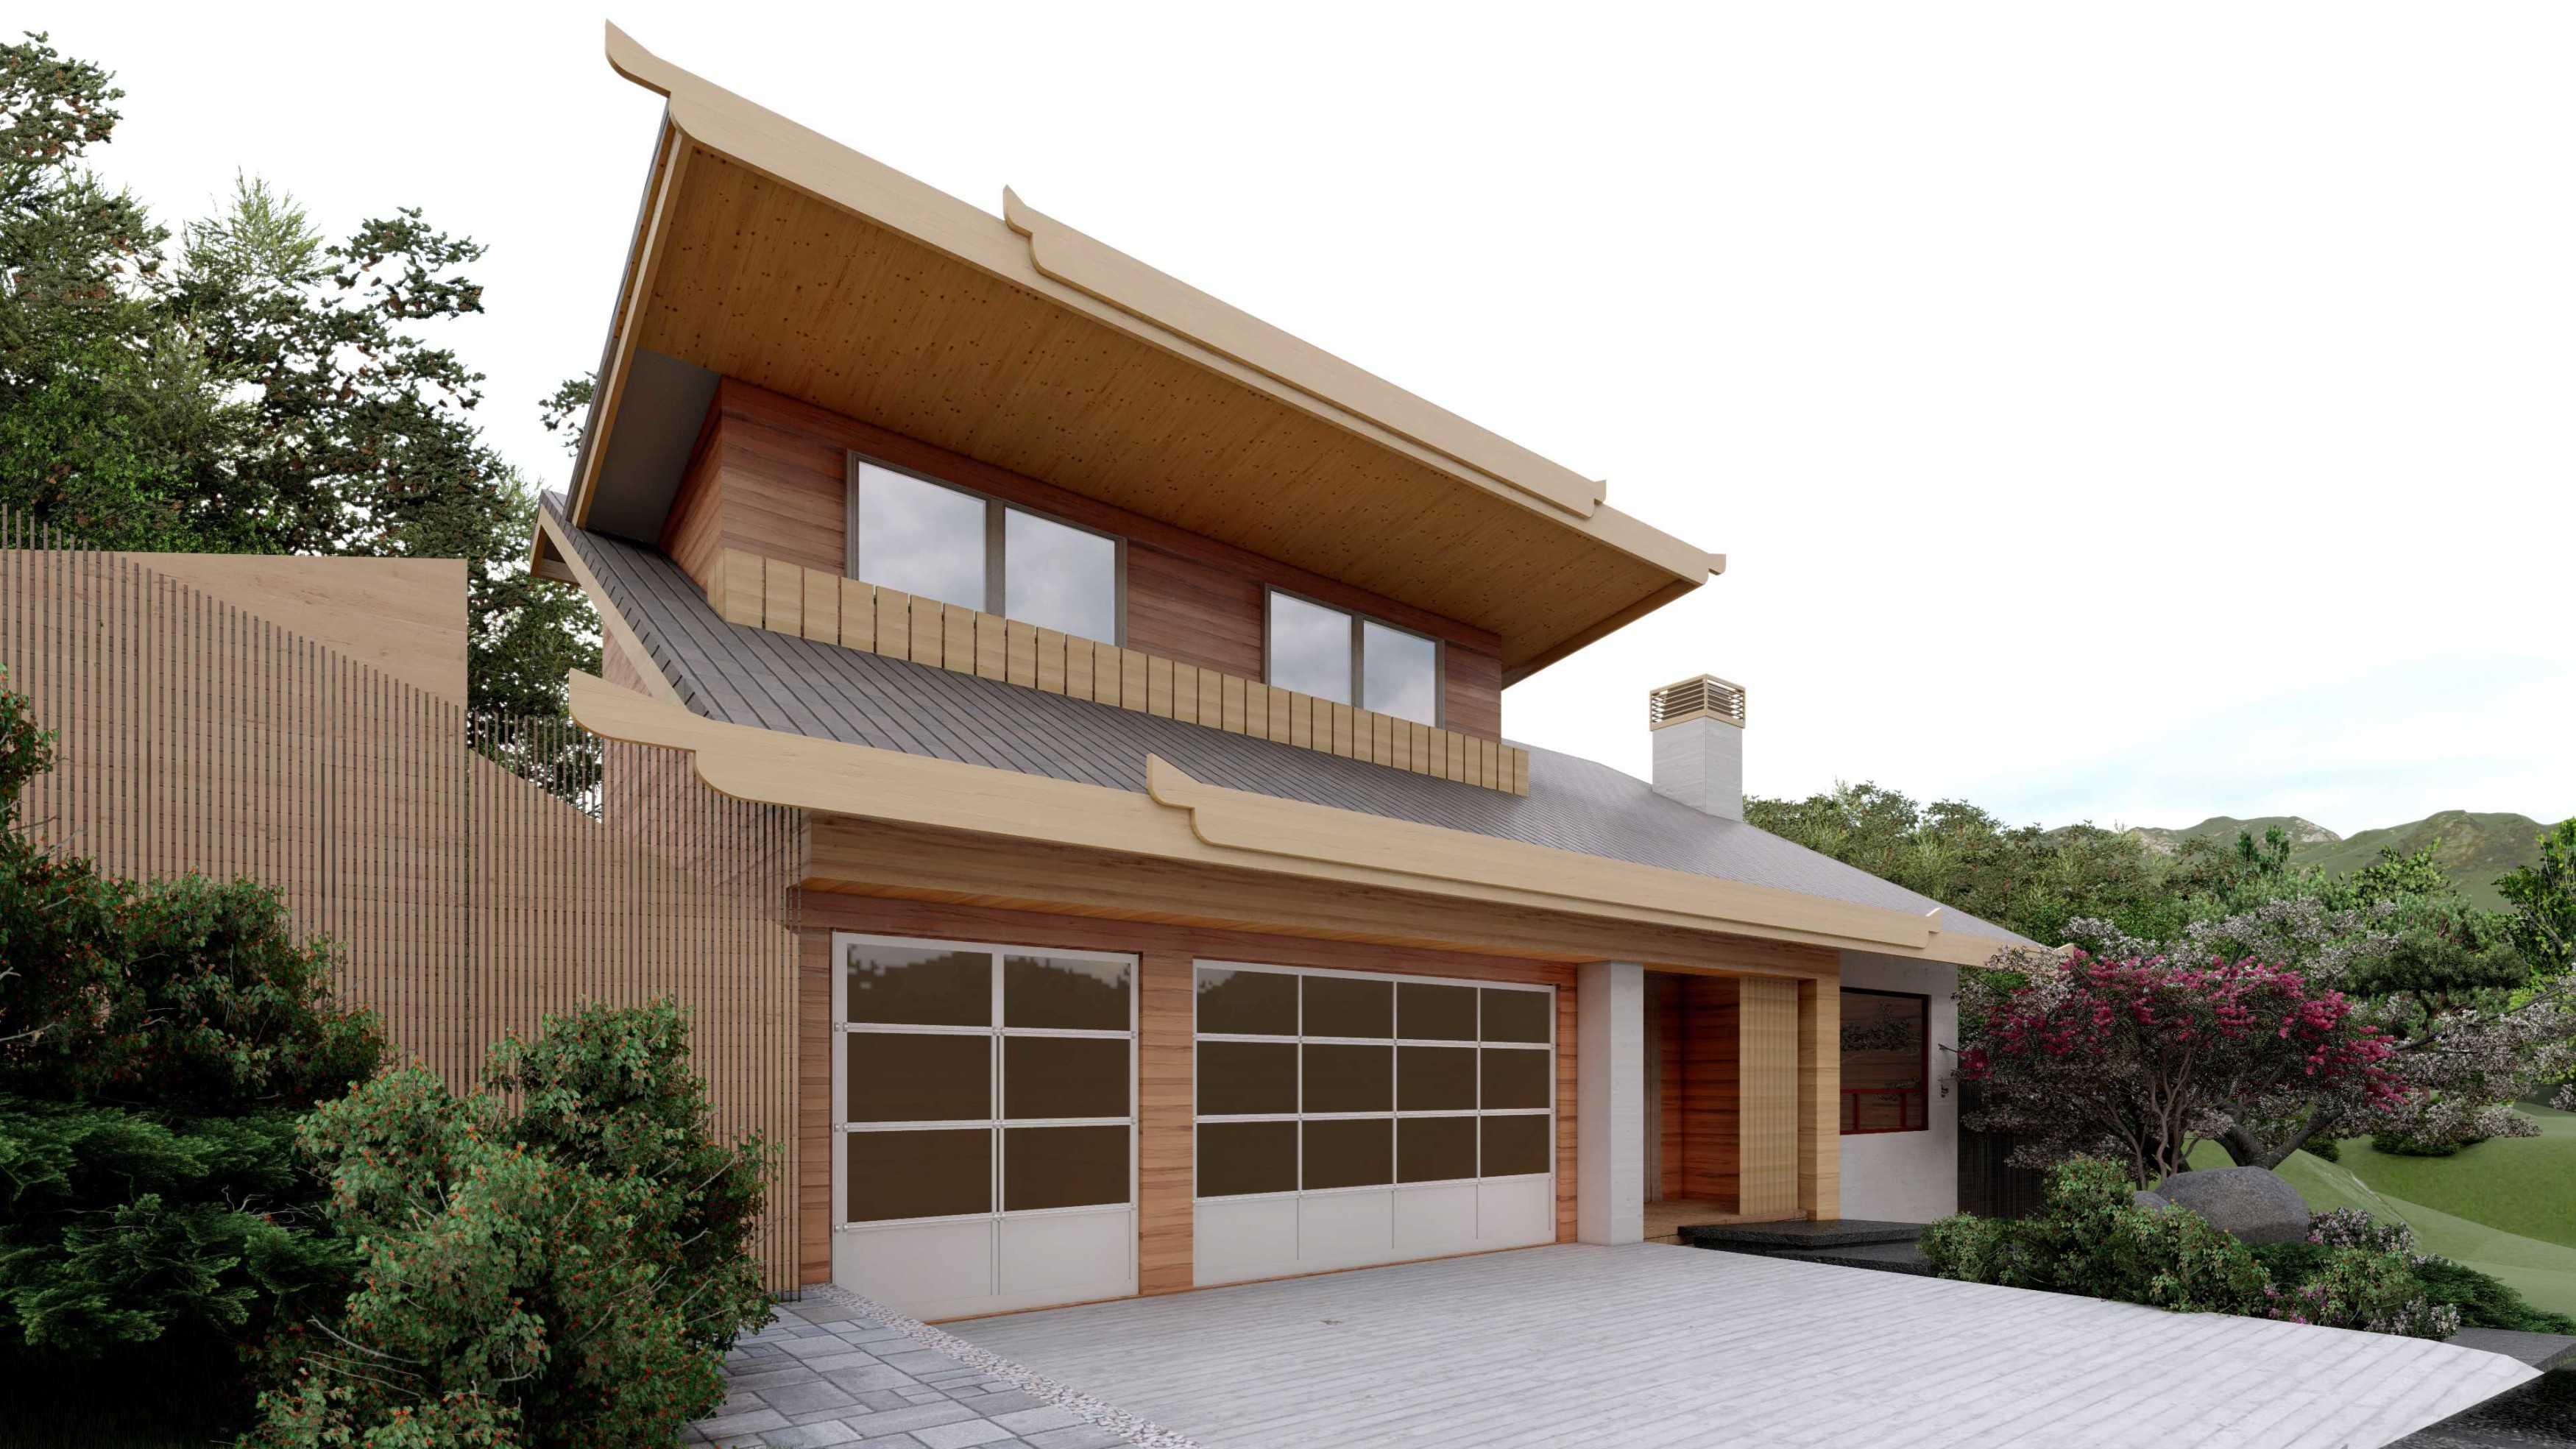 Whn Studio Modernize Facade Of Ranch House California, Amerika Serikat California, Amerika Serikat Achmad-Wahana-Karimullah-Modernize-Facade-Of-Ranch-House   87210